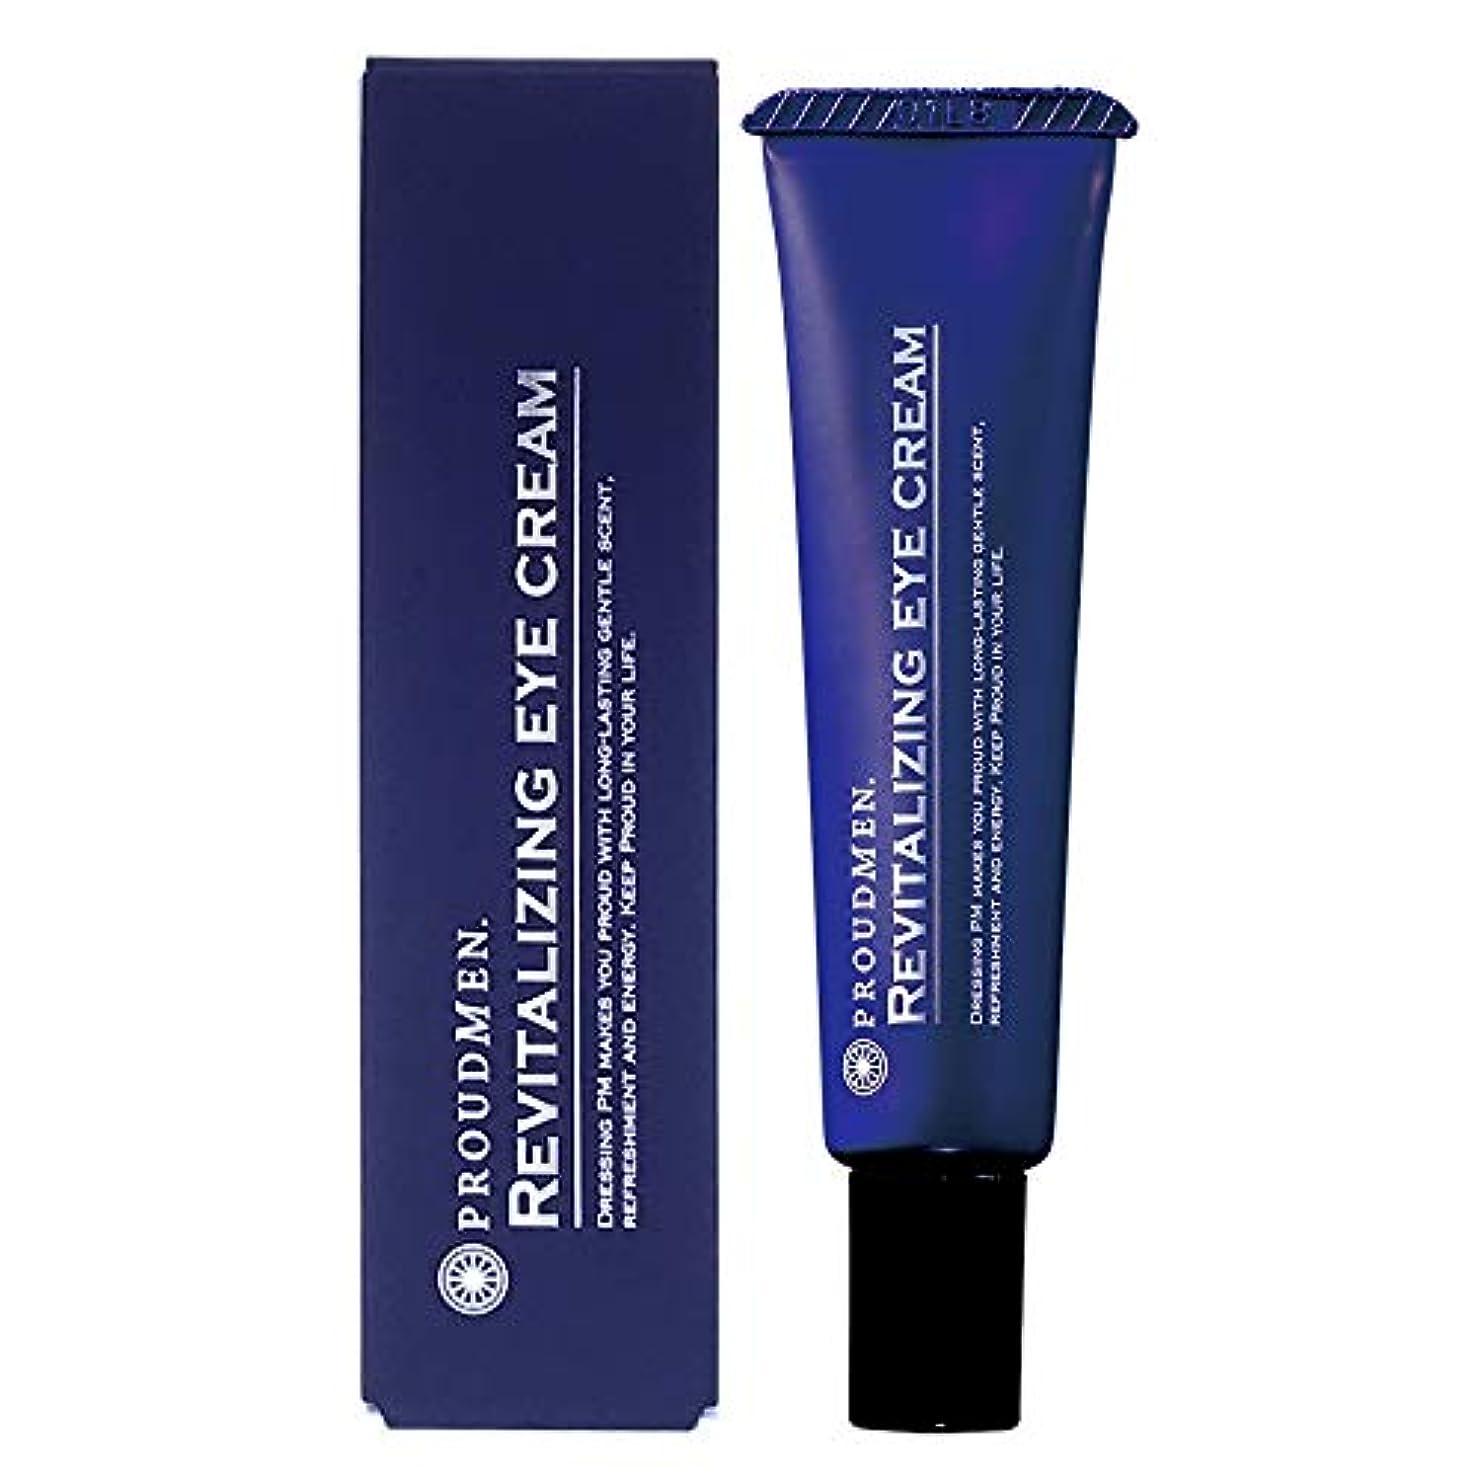 離れてルートファイタープラウドメン リバイタライジングアイクリーム 12g (グルーミング?シトラスの香り) 目元クリーム メンズコスメ 男性用化粧品